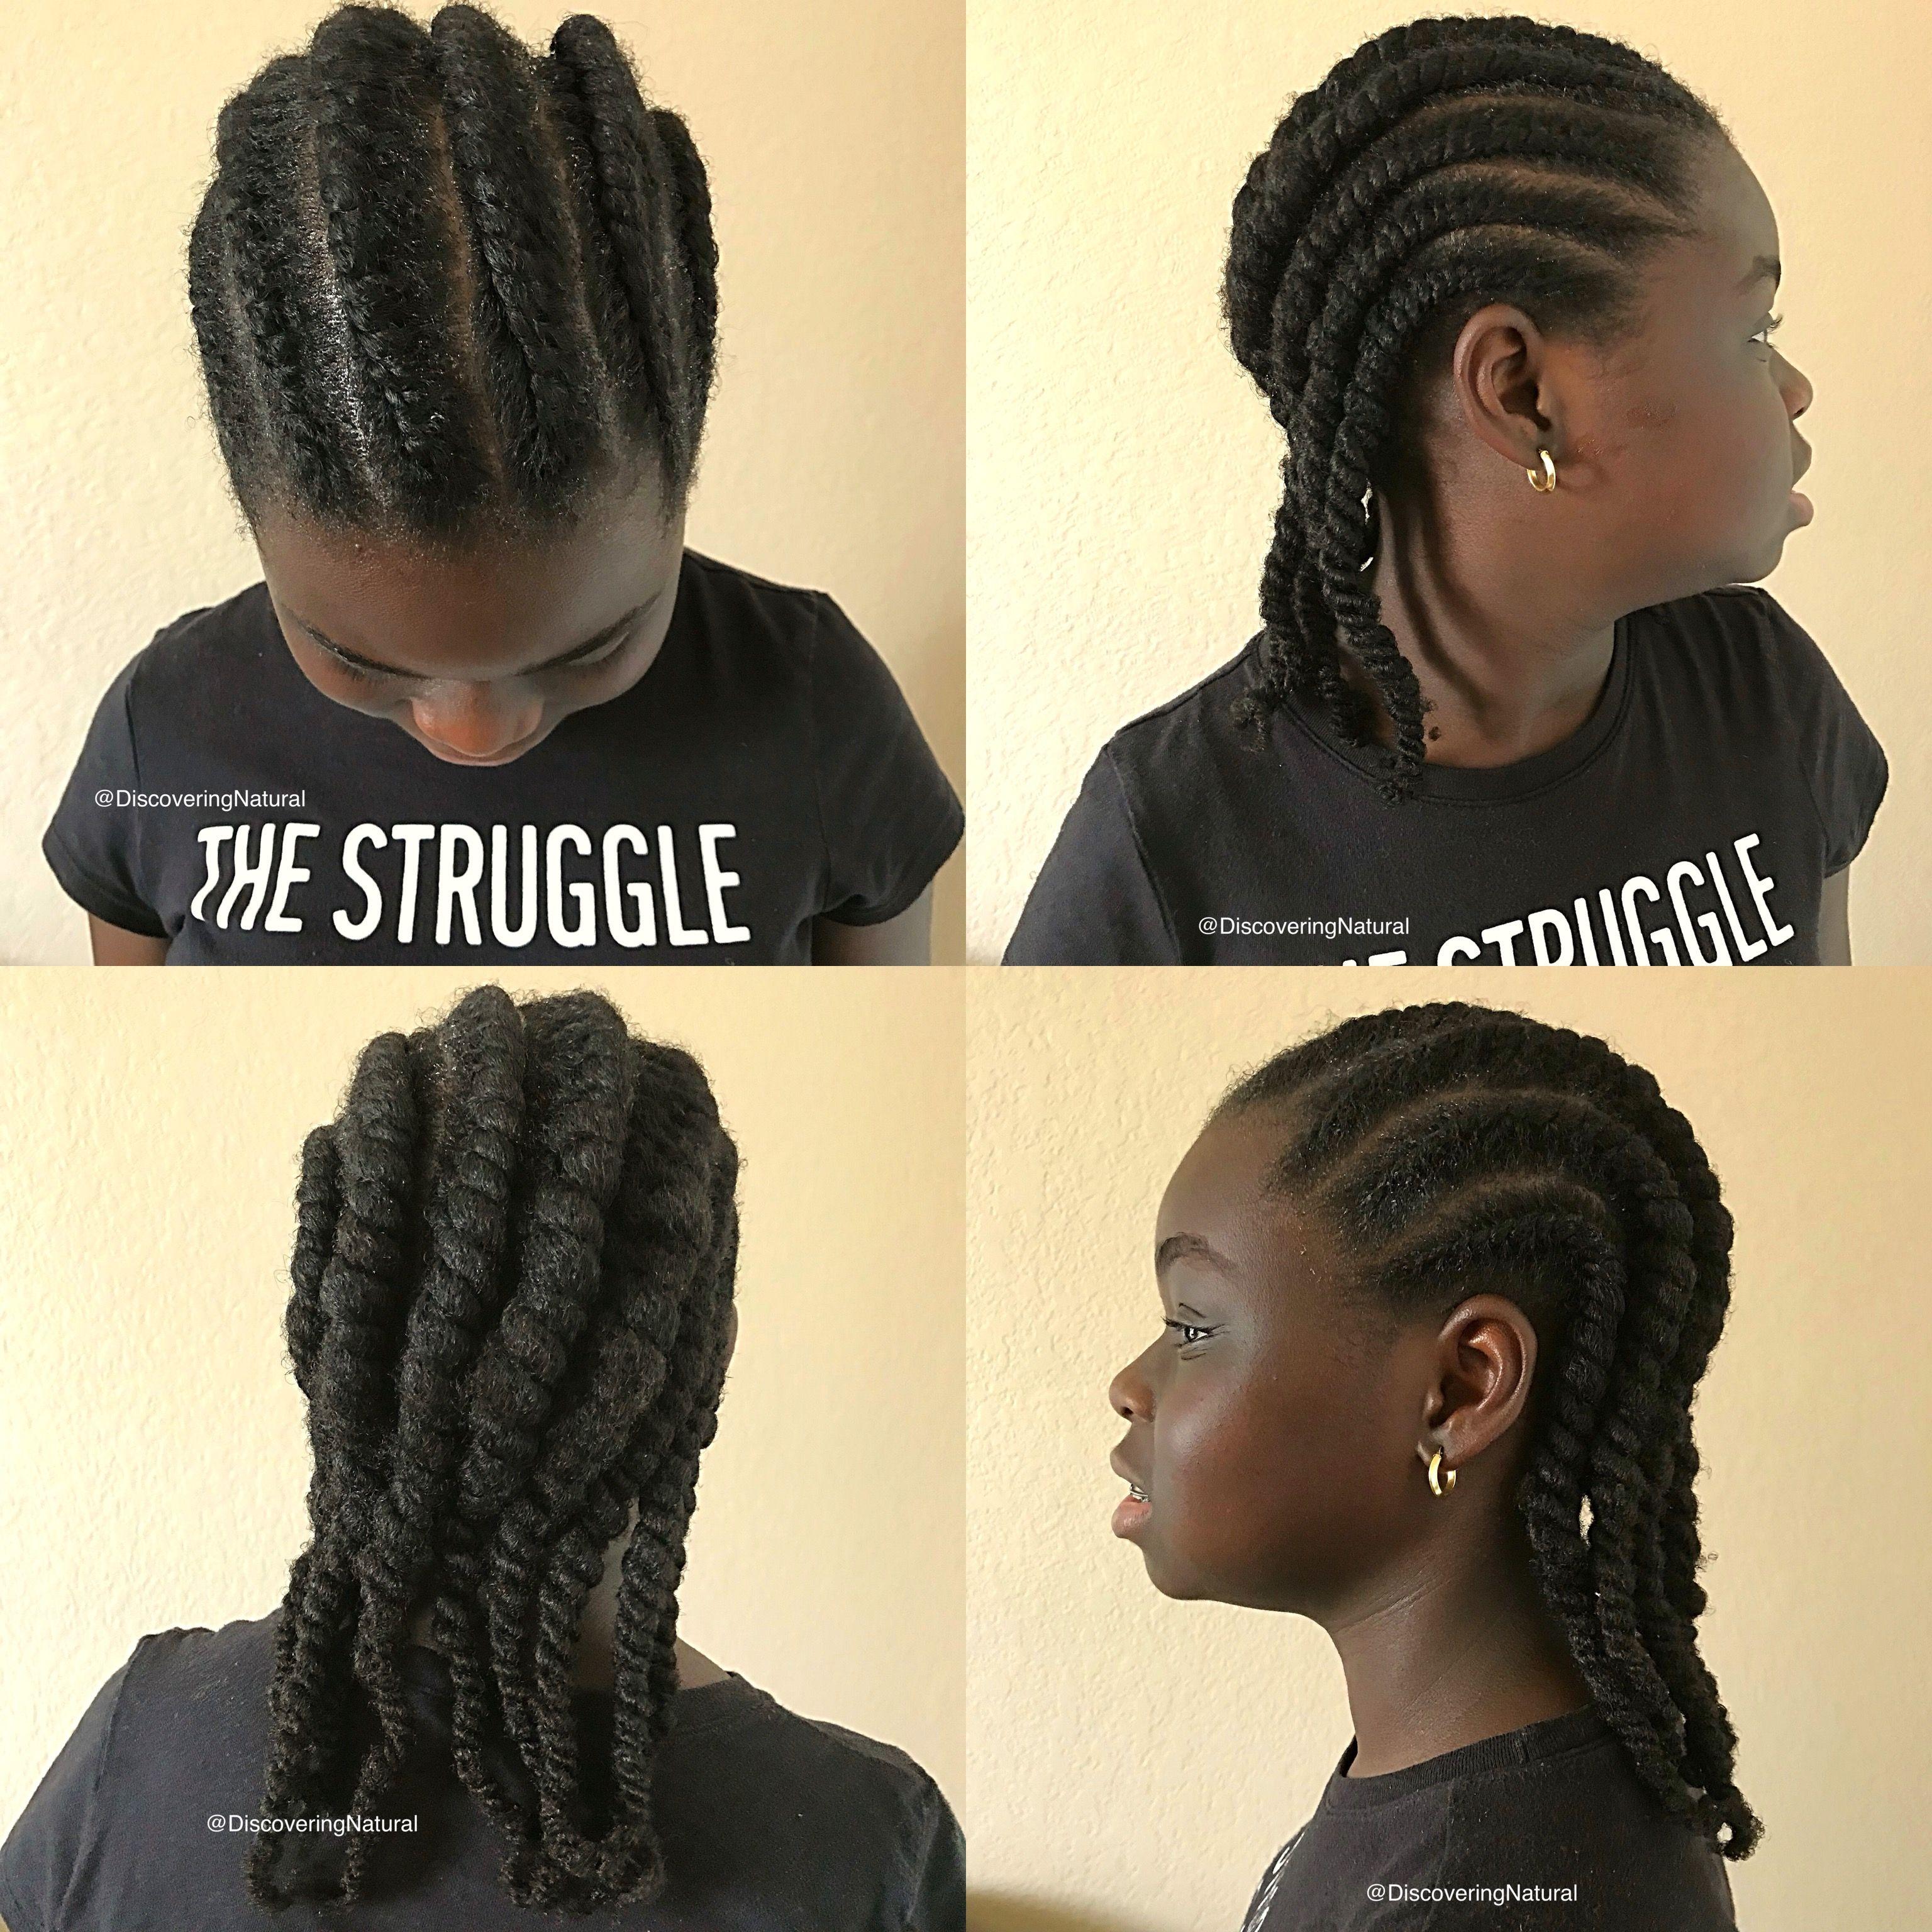 Natural hair hairstyle for kids teens tweens teenagers using flat